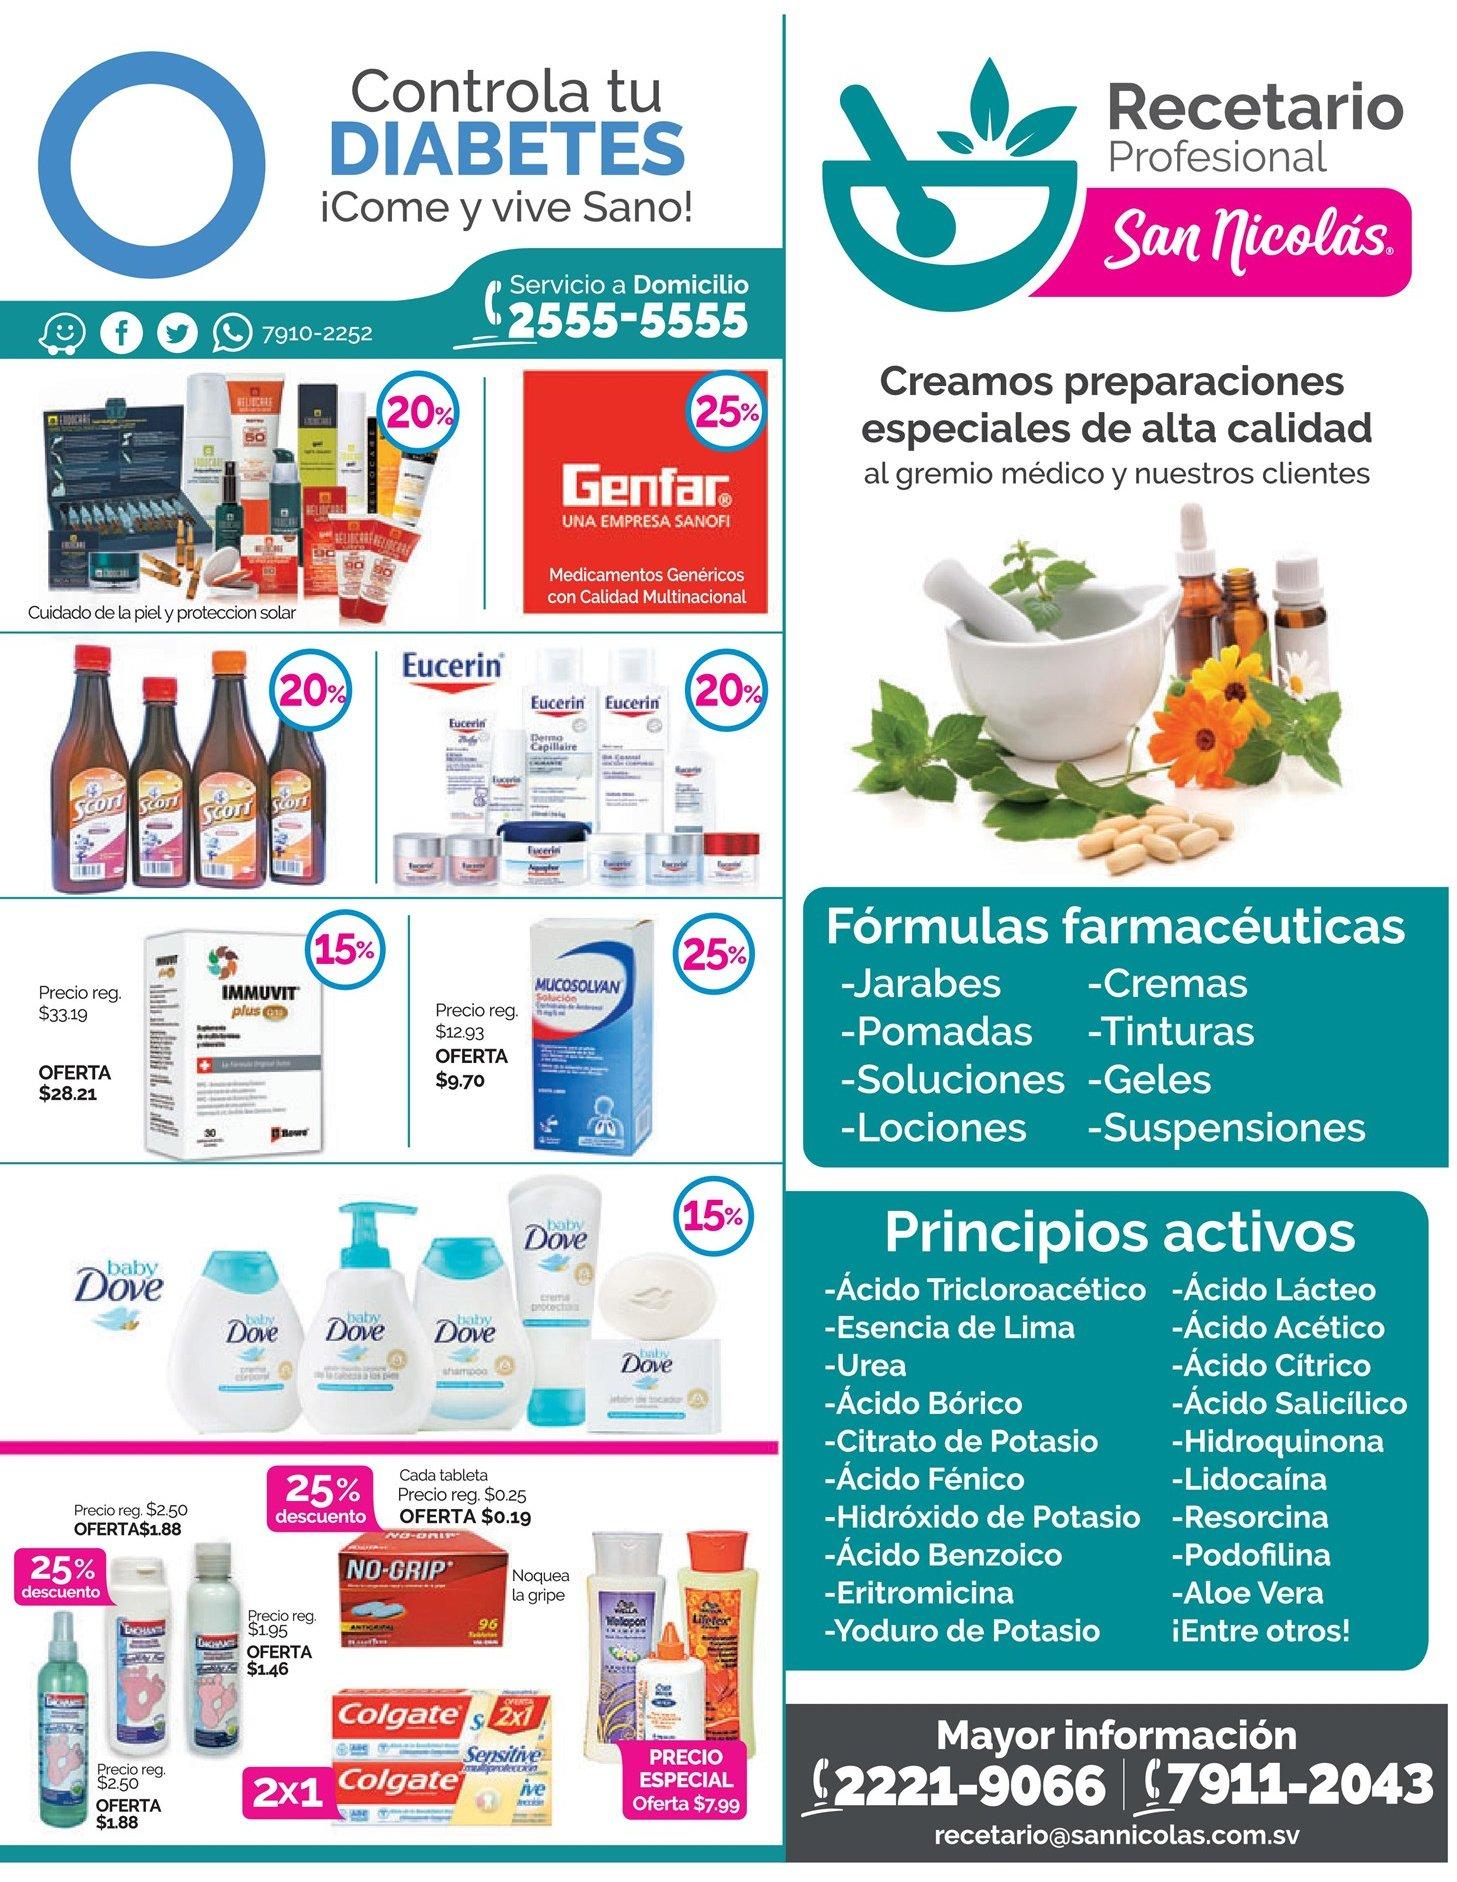 Recetario profesional y formulas farmaceuticas san nicolas